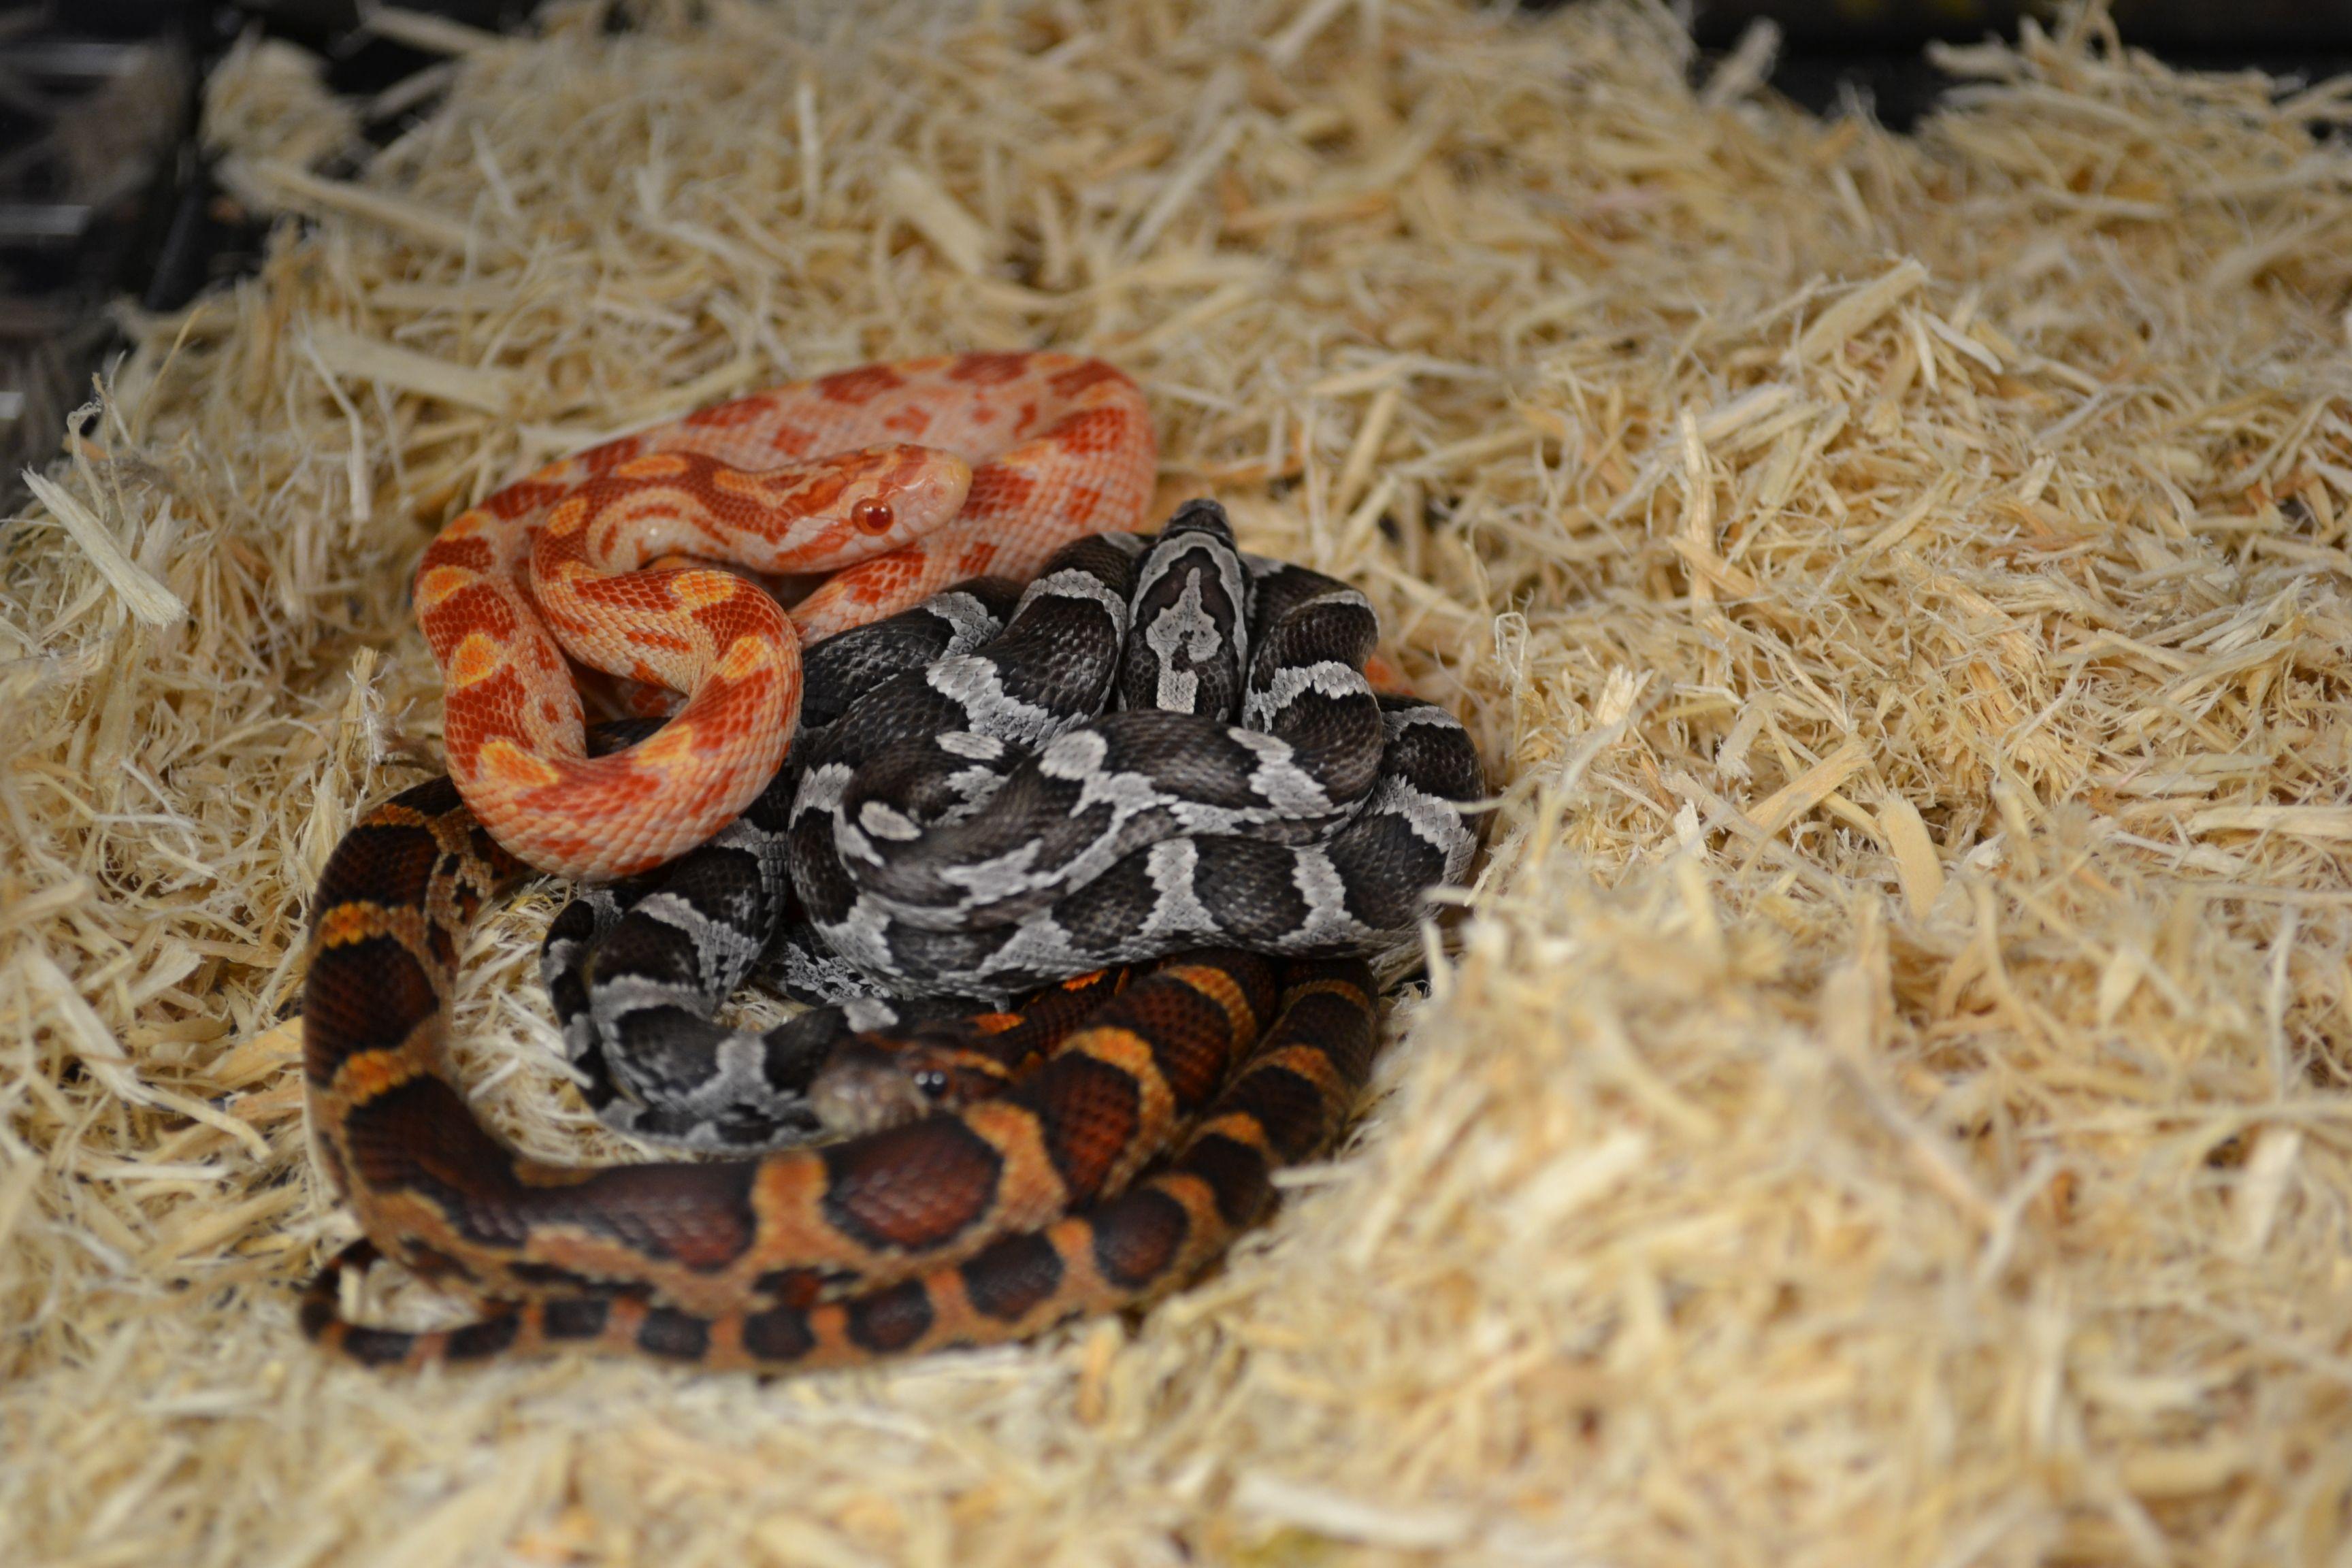 Baby Corn Snakes Corn Snake Corn Snakes For Sale Snake